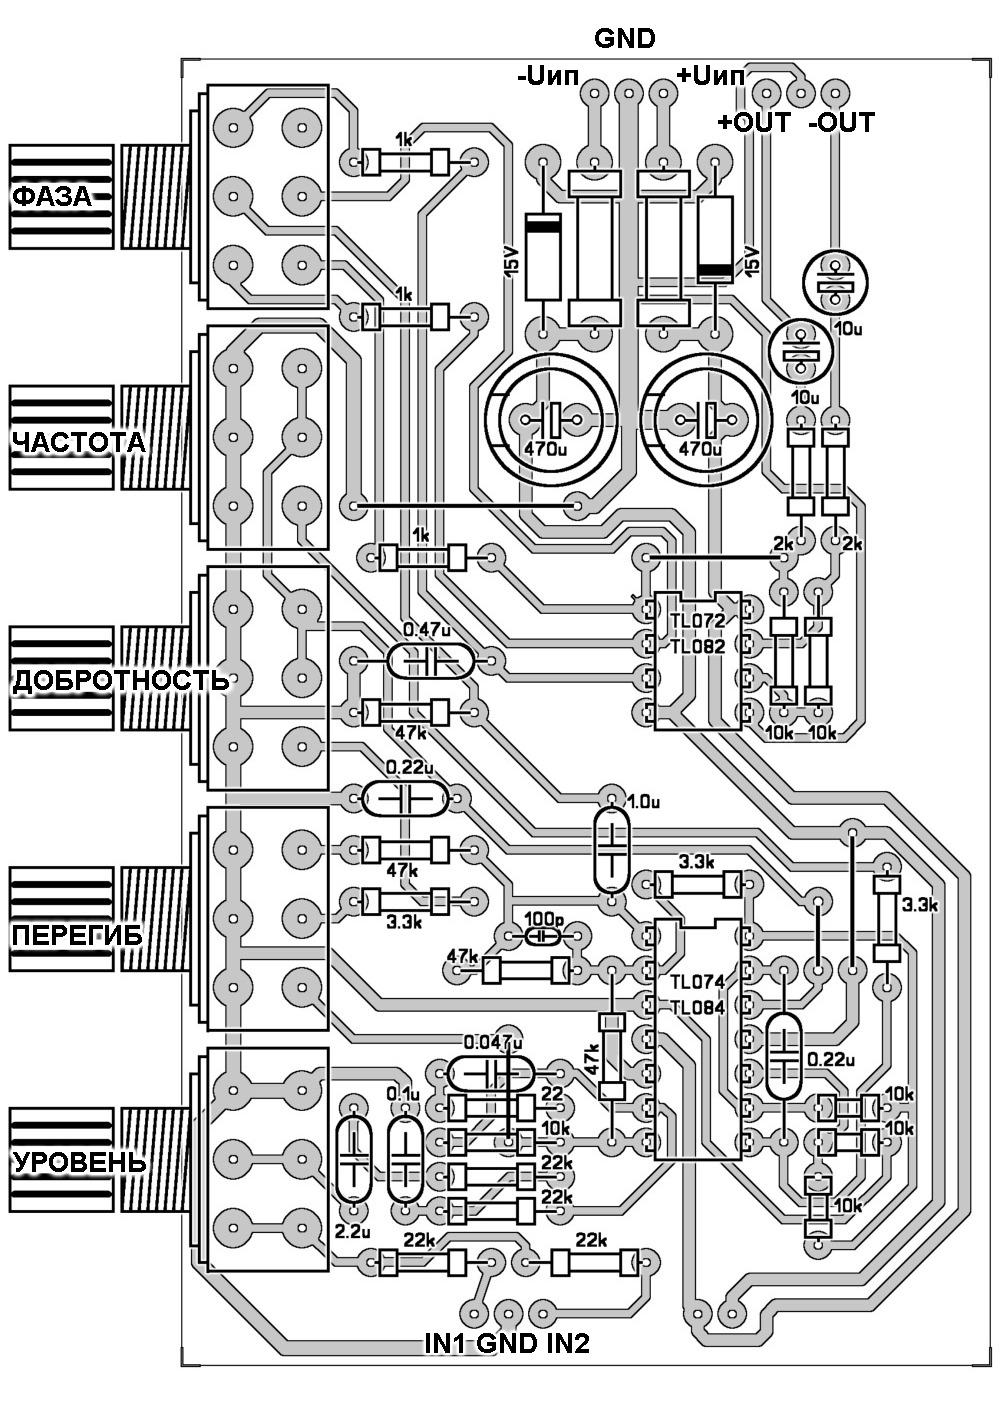 Инструкция К Телевизору Samsung Ck-5341Zr